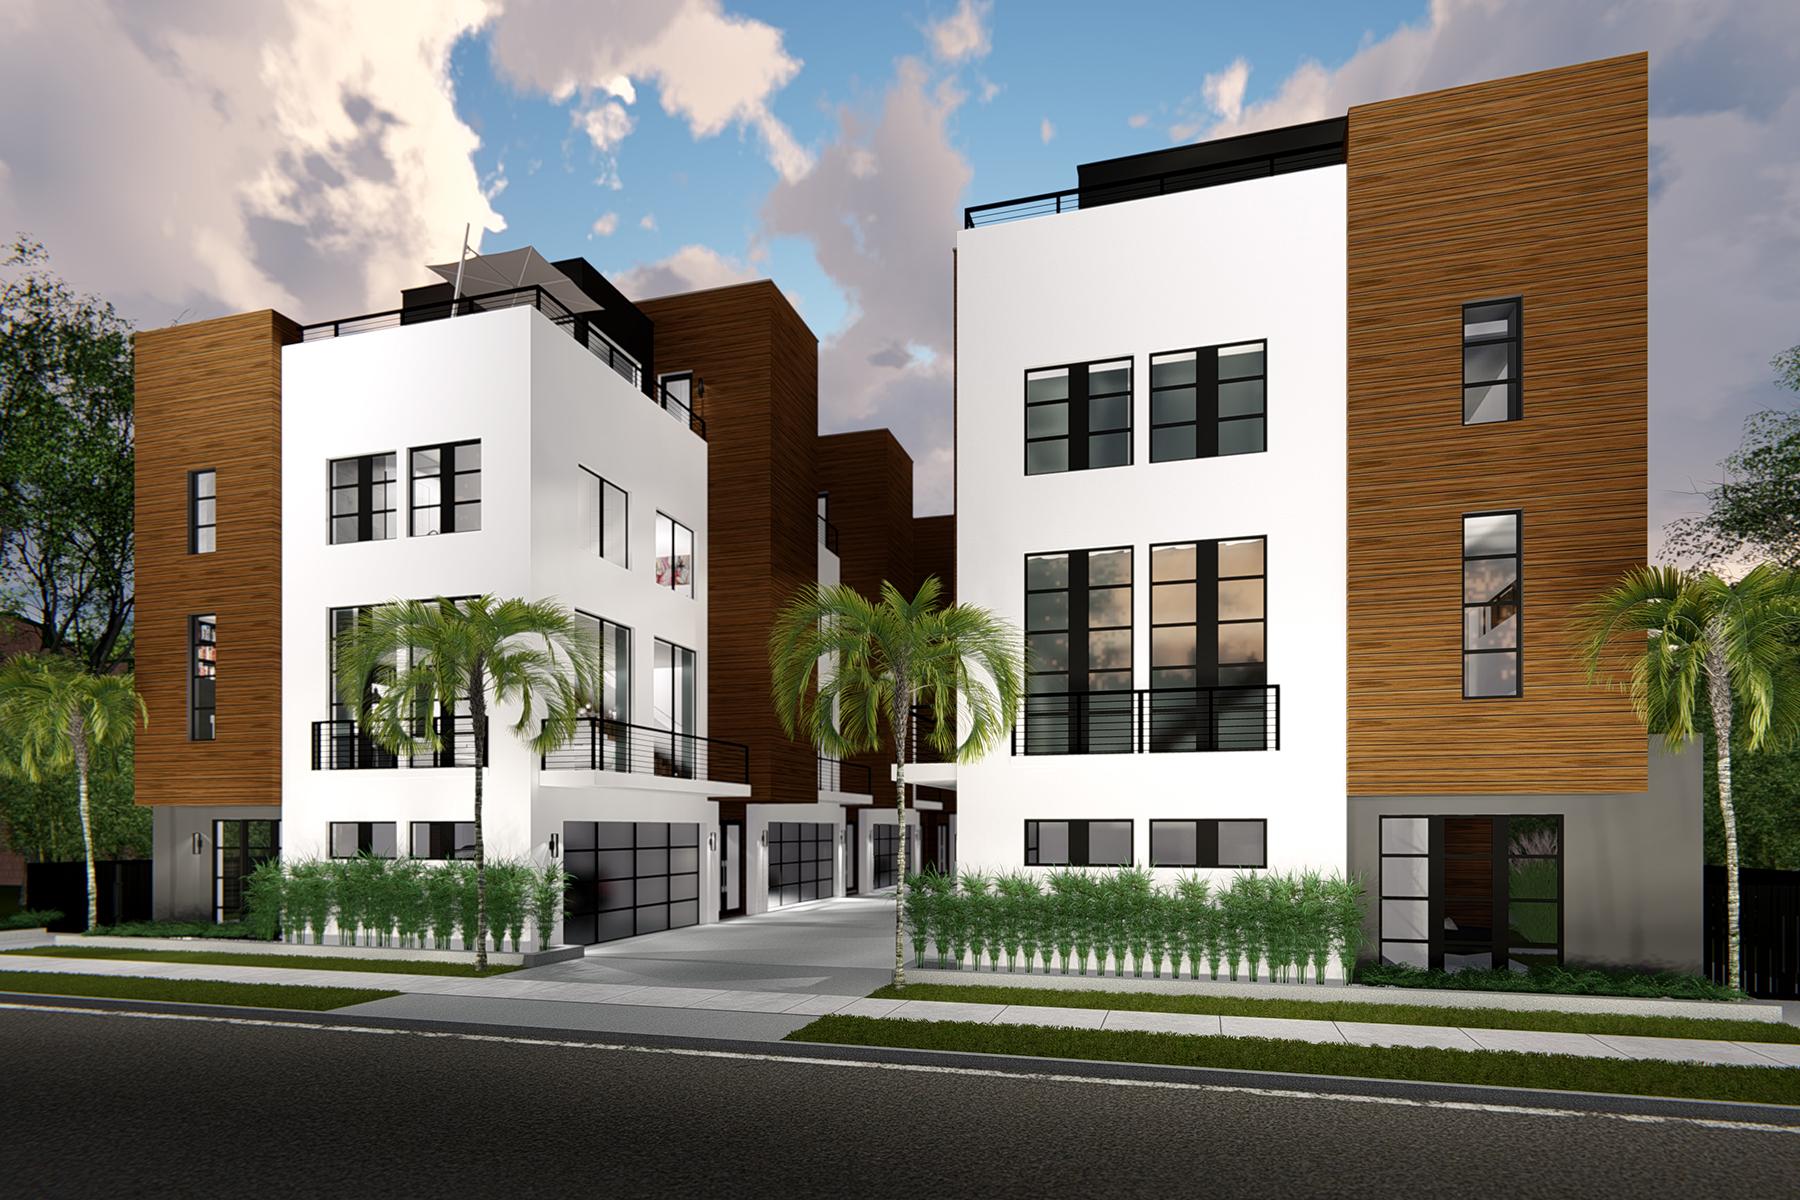 Casa unifamiliar adosada (Townhouse) por un Venta en DOWNTOWN ORLANDO 110 E Marks St 2 Orlando, Florida 32803 Estados Unidos